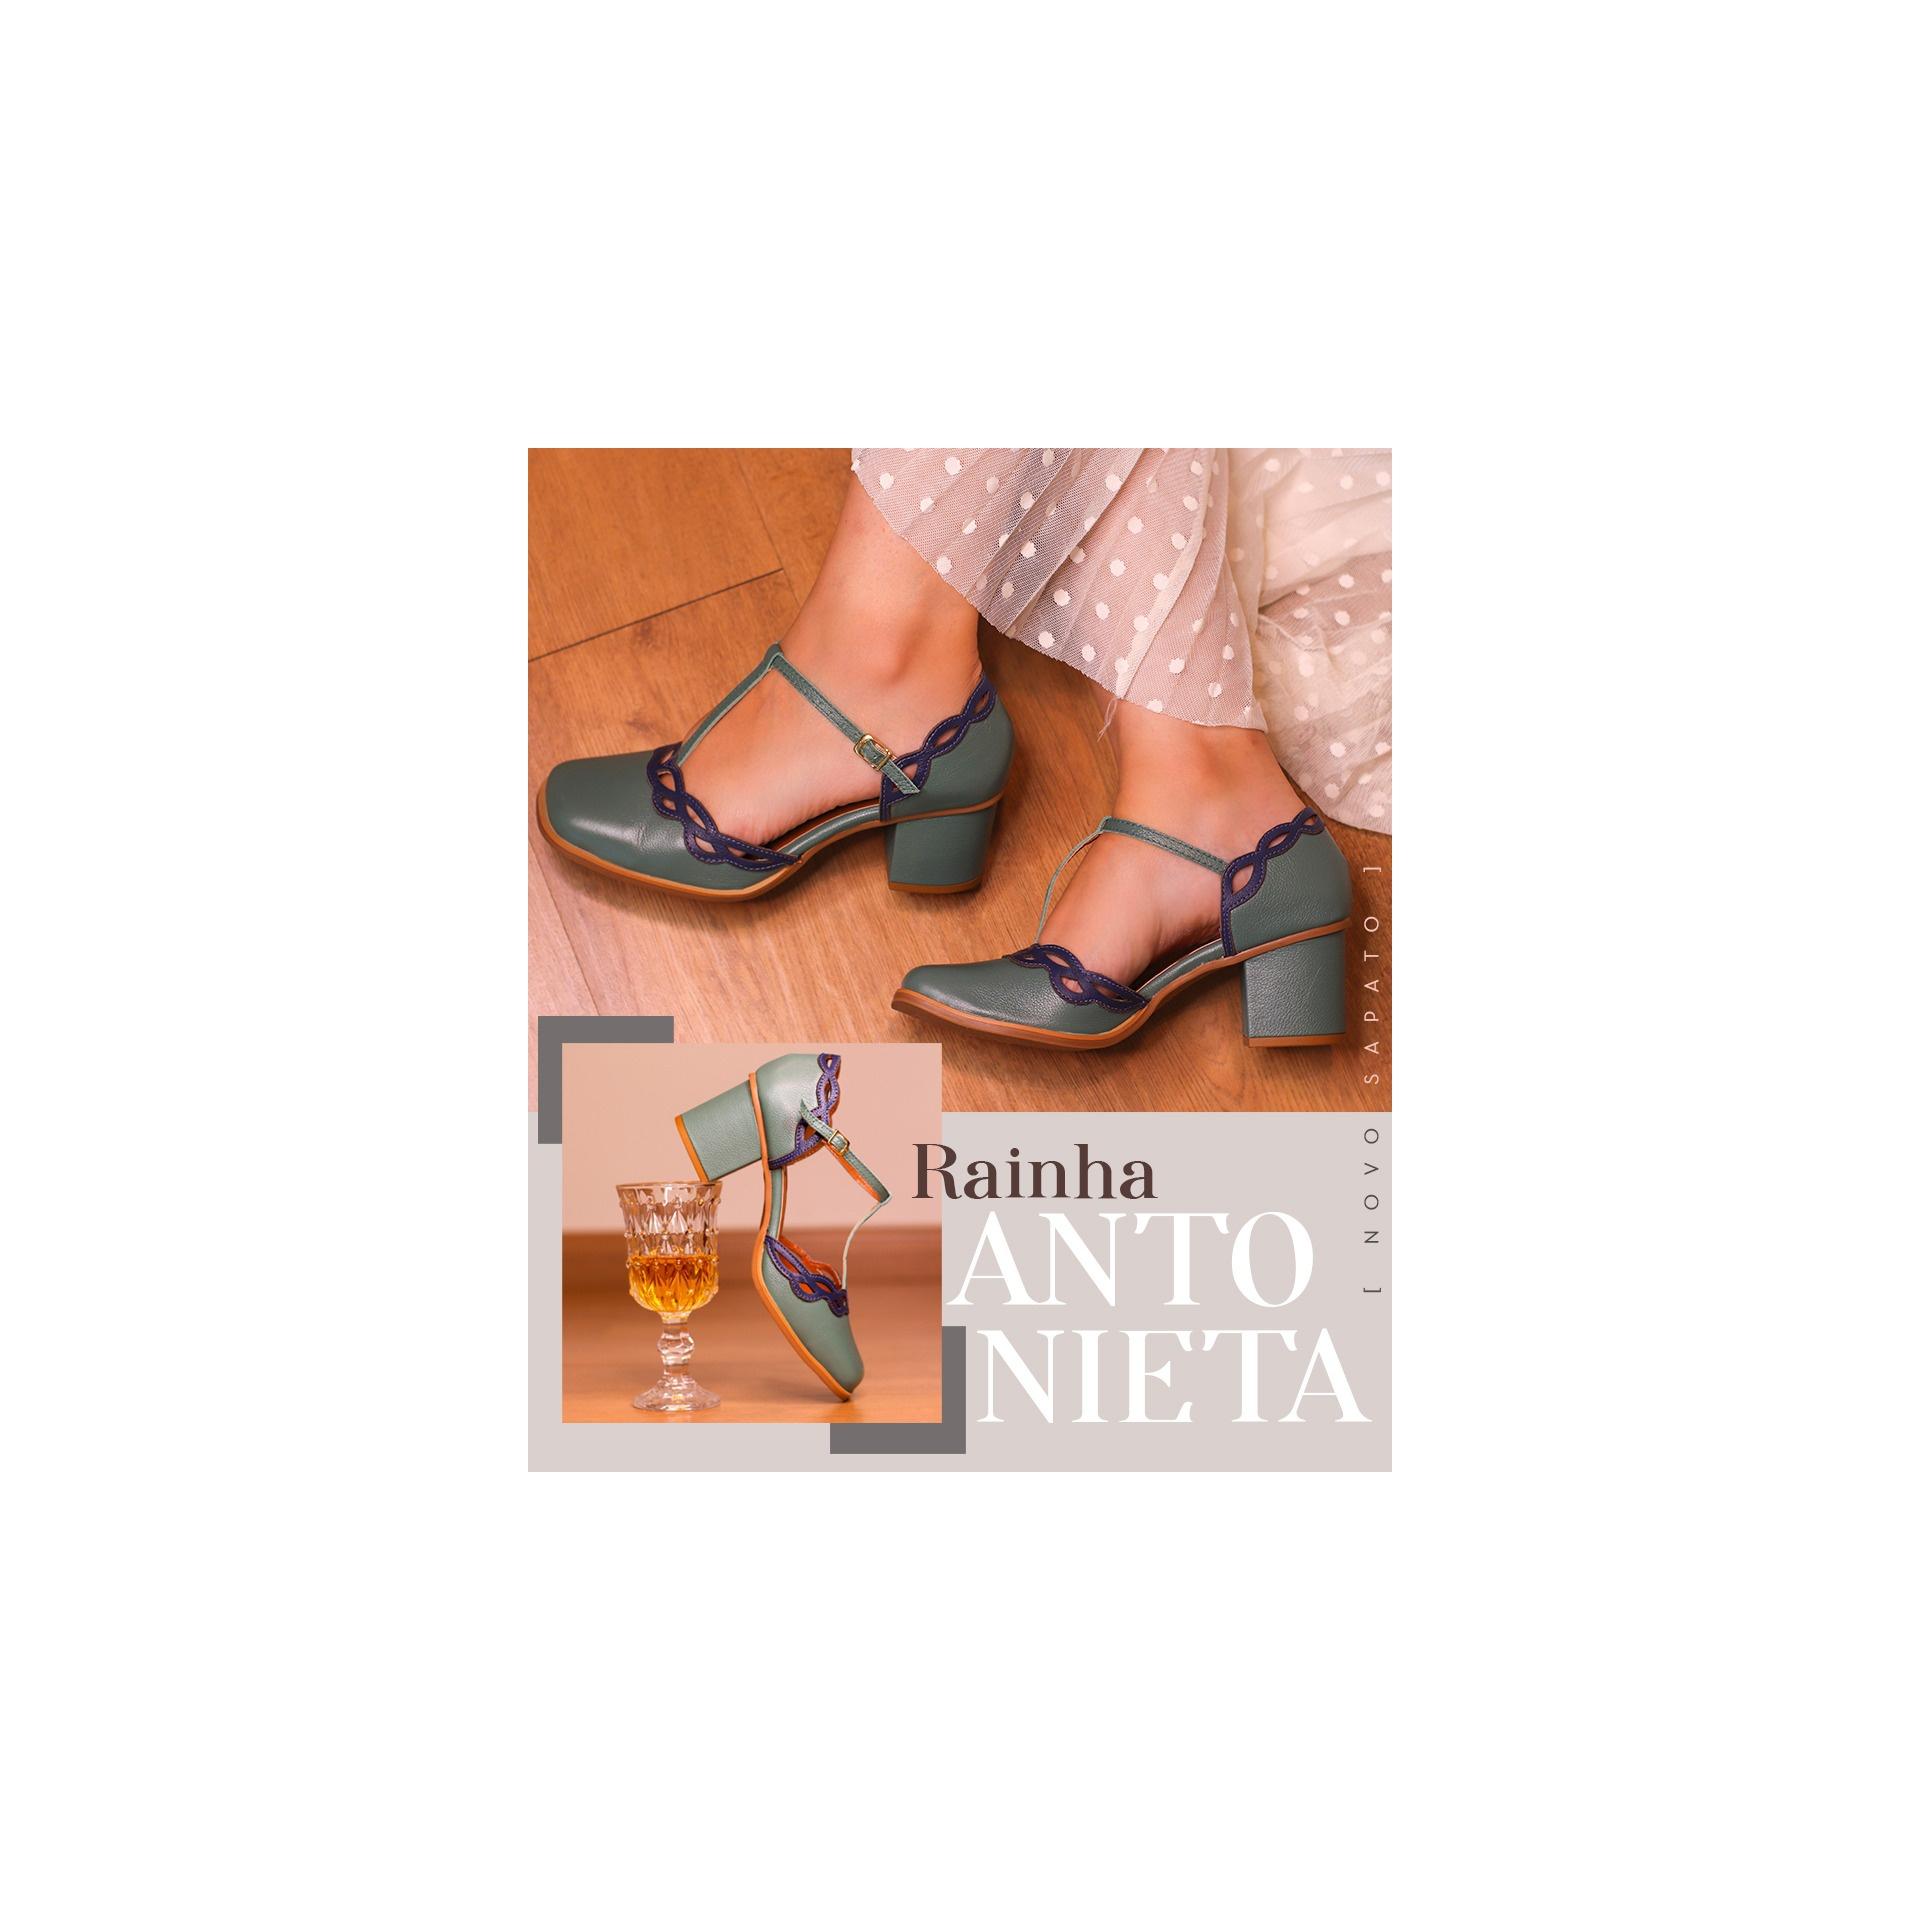 Coleção Rainhas - Antonieta